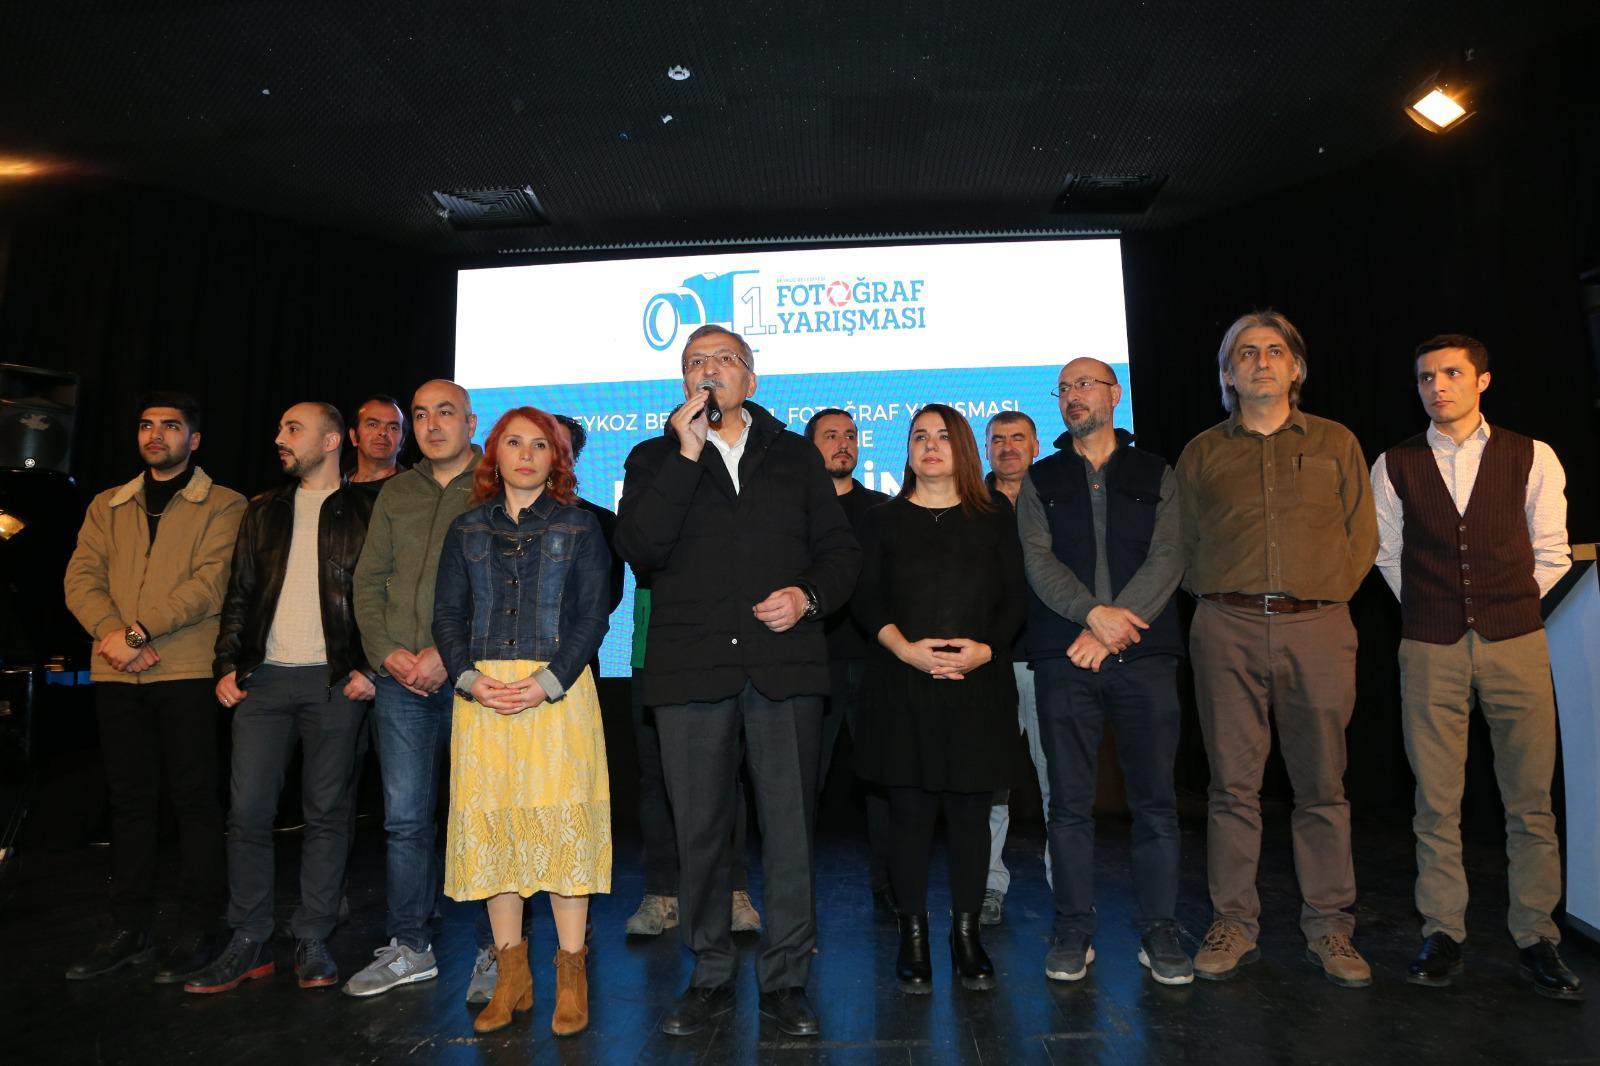 """""""Beykoz Belediyesi 1. Fotoğraf Yarışması""""nda Ödüller Sahiplerine Kavuştu"""